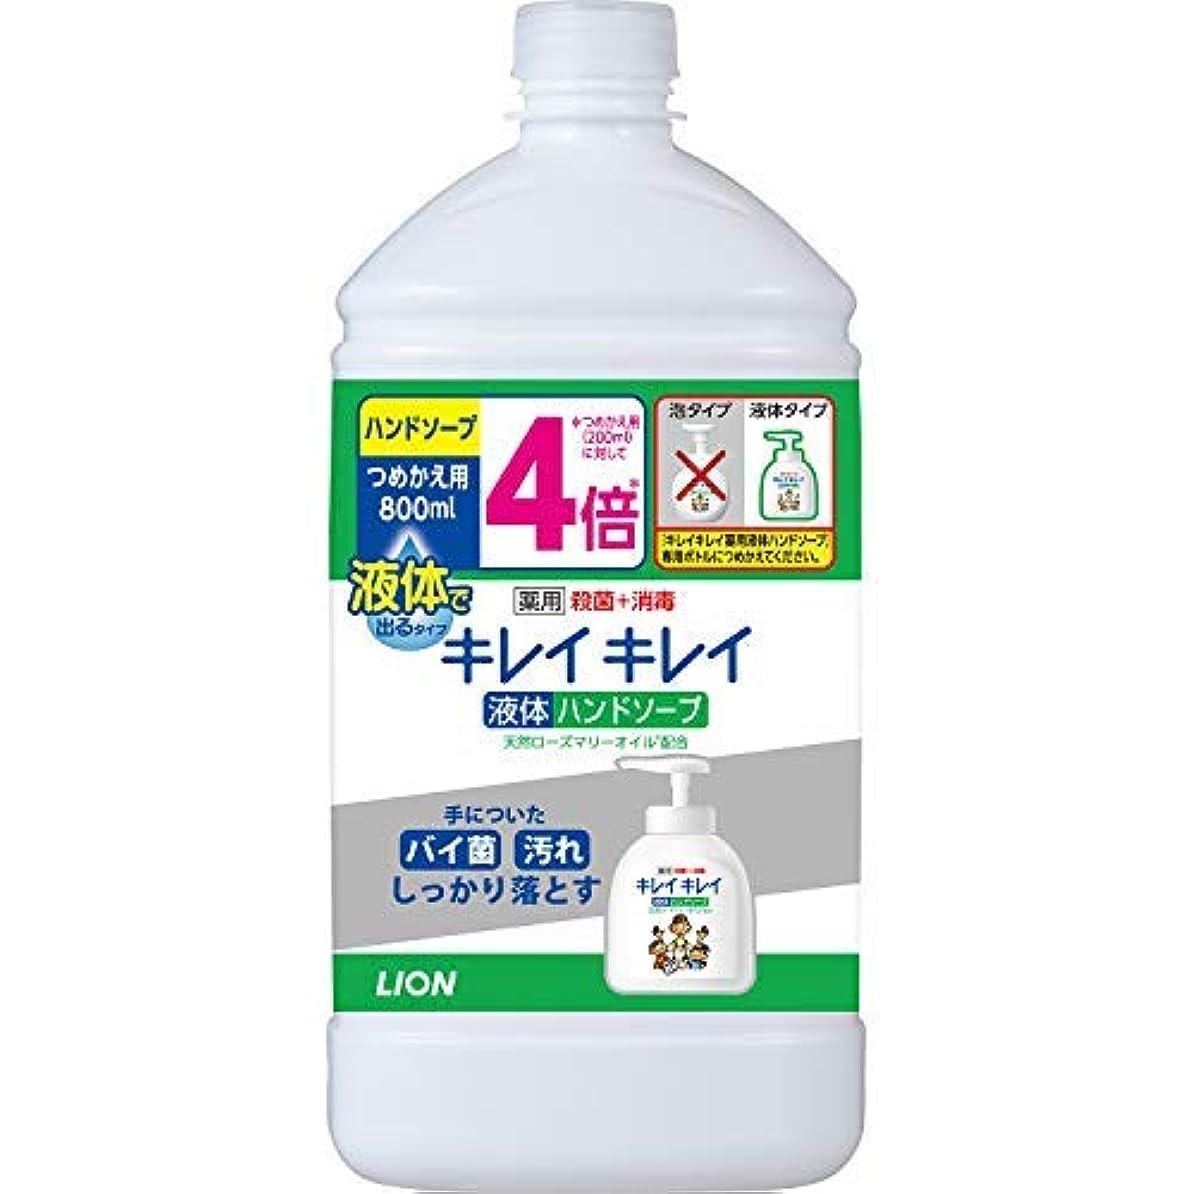 深いインテリア騙すキレイキレイ 薬用液体ハンドソープ つめかえ用特大サイズシトラスフルーテイ × 10個セット